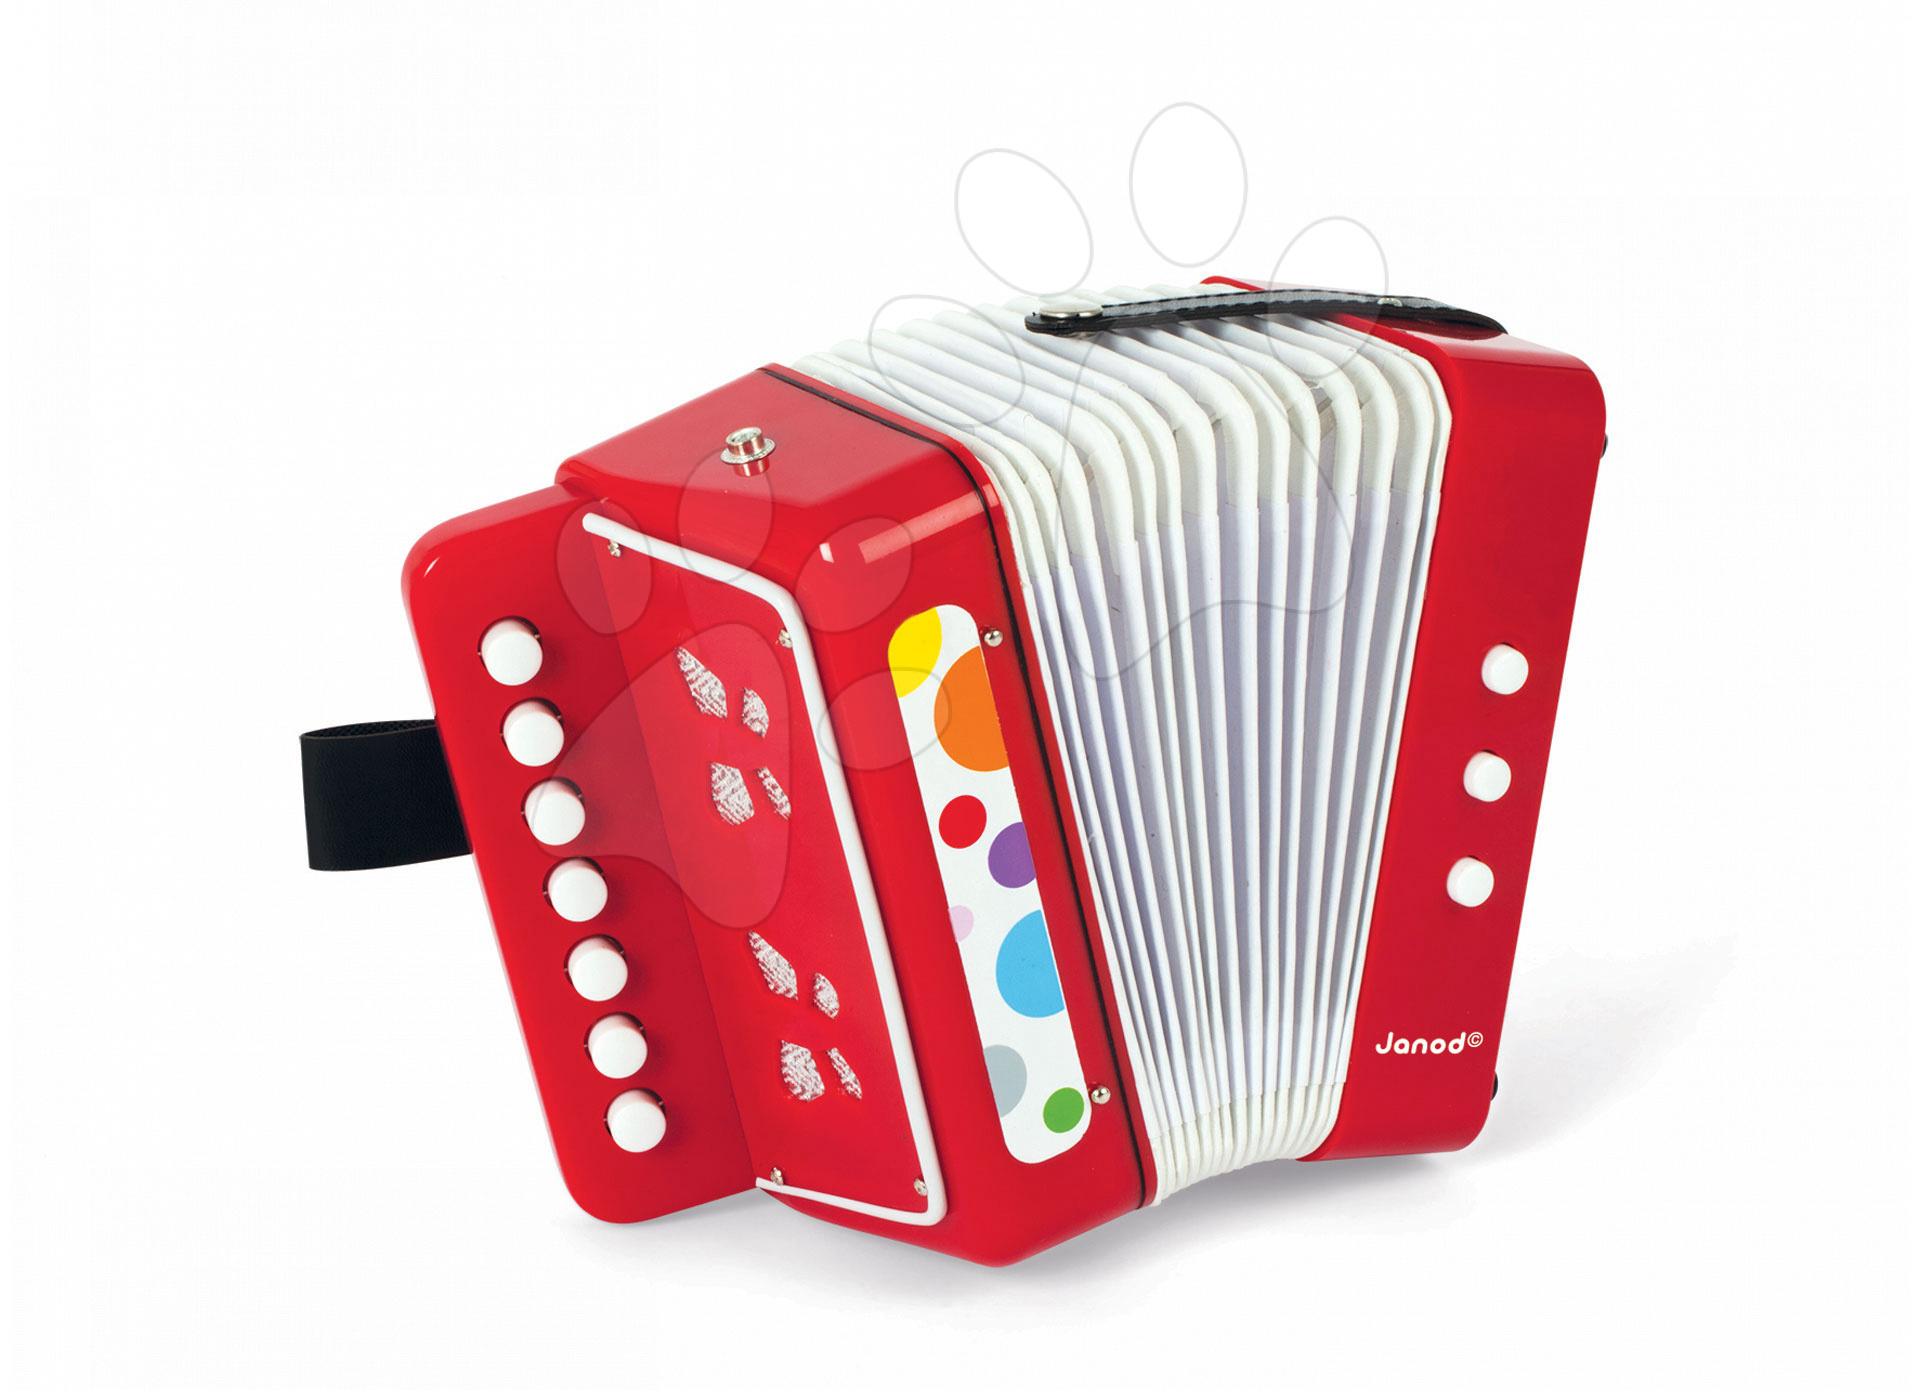 Detské hudobné nástroje - Akordeón Confetti Acordion Janod s realistickým zvukom od 3 rokov